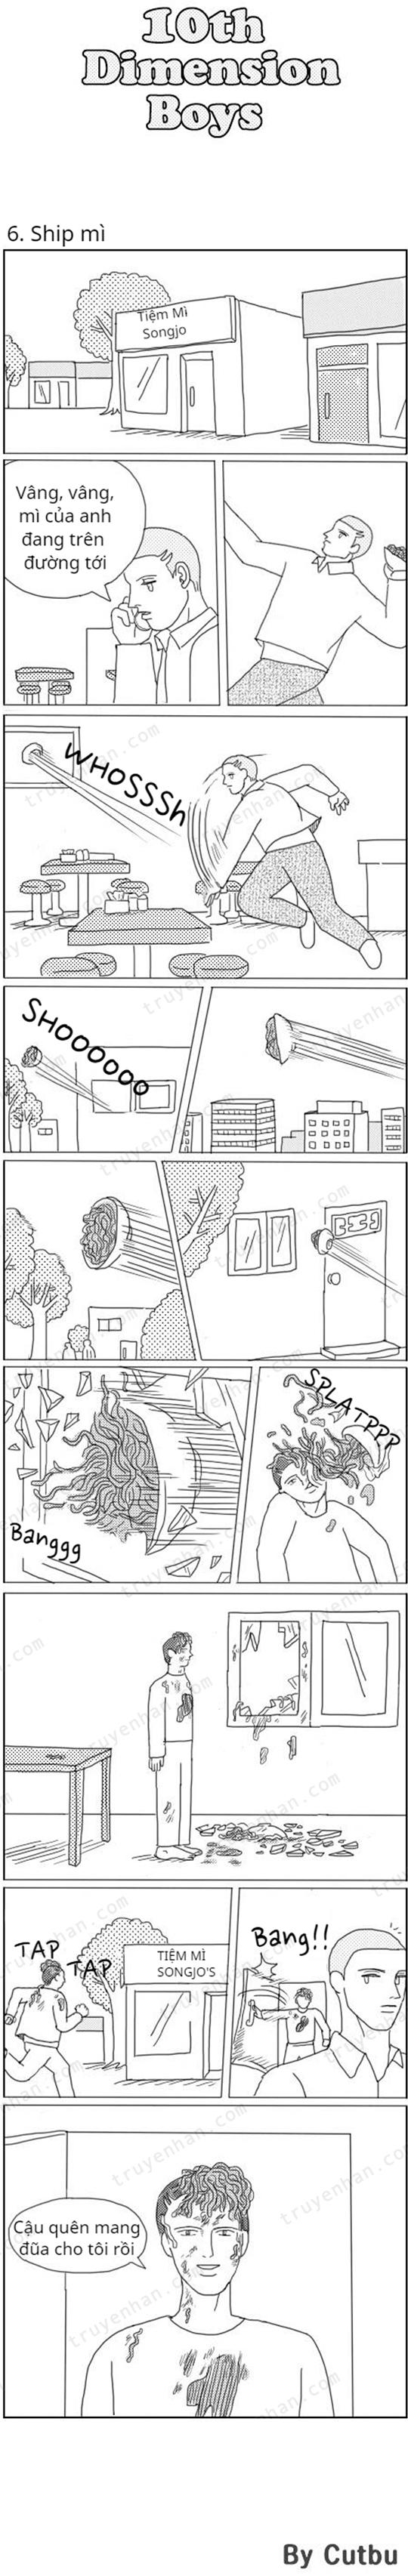 10th Dimension Boys (full bộ) #6: Ship mì